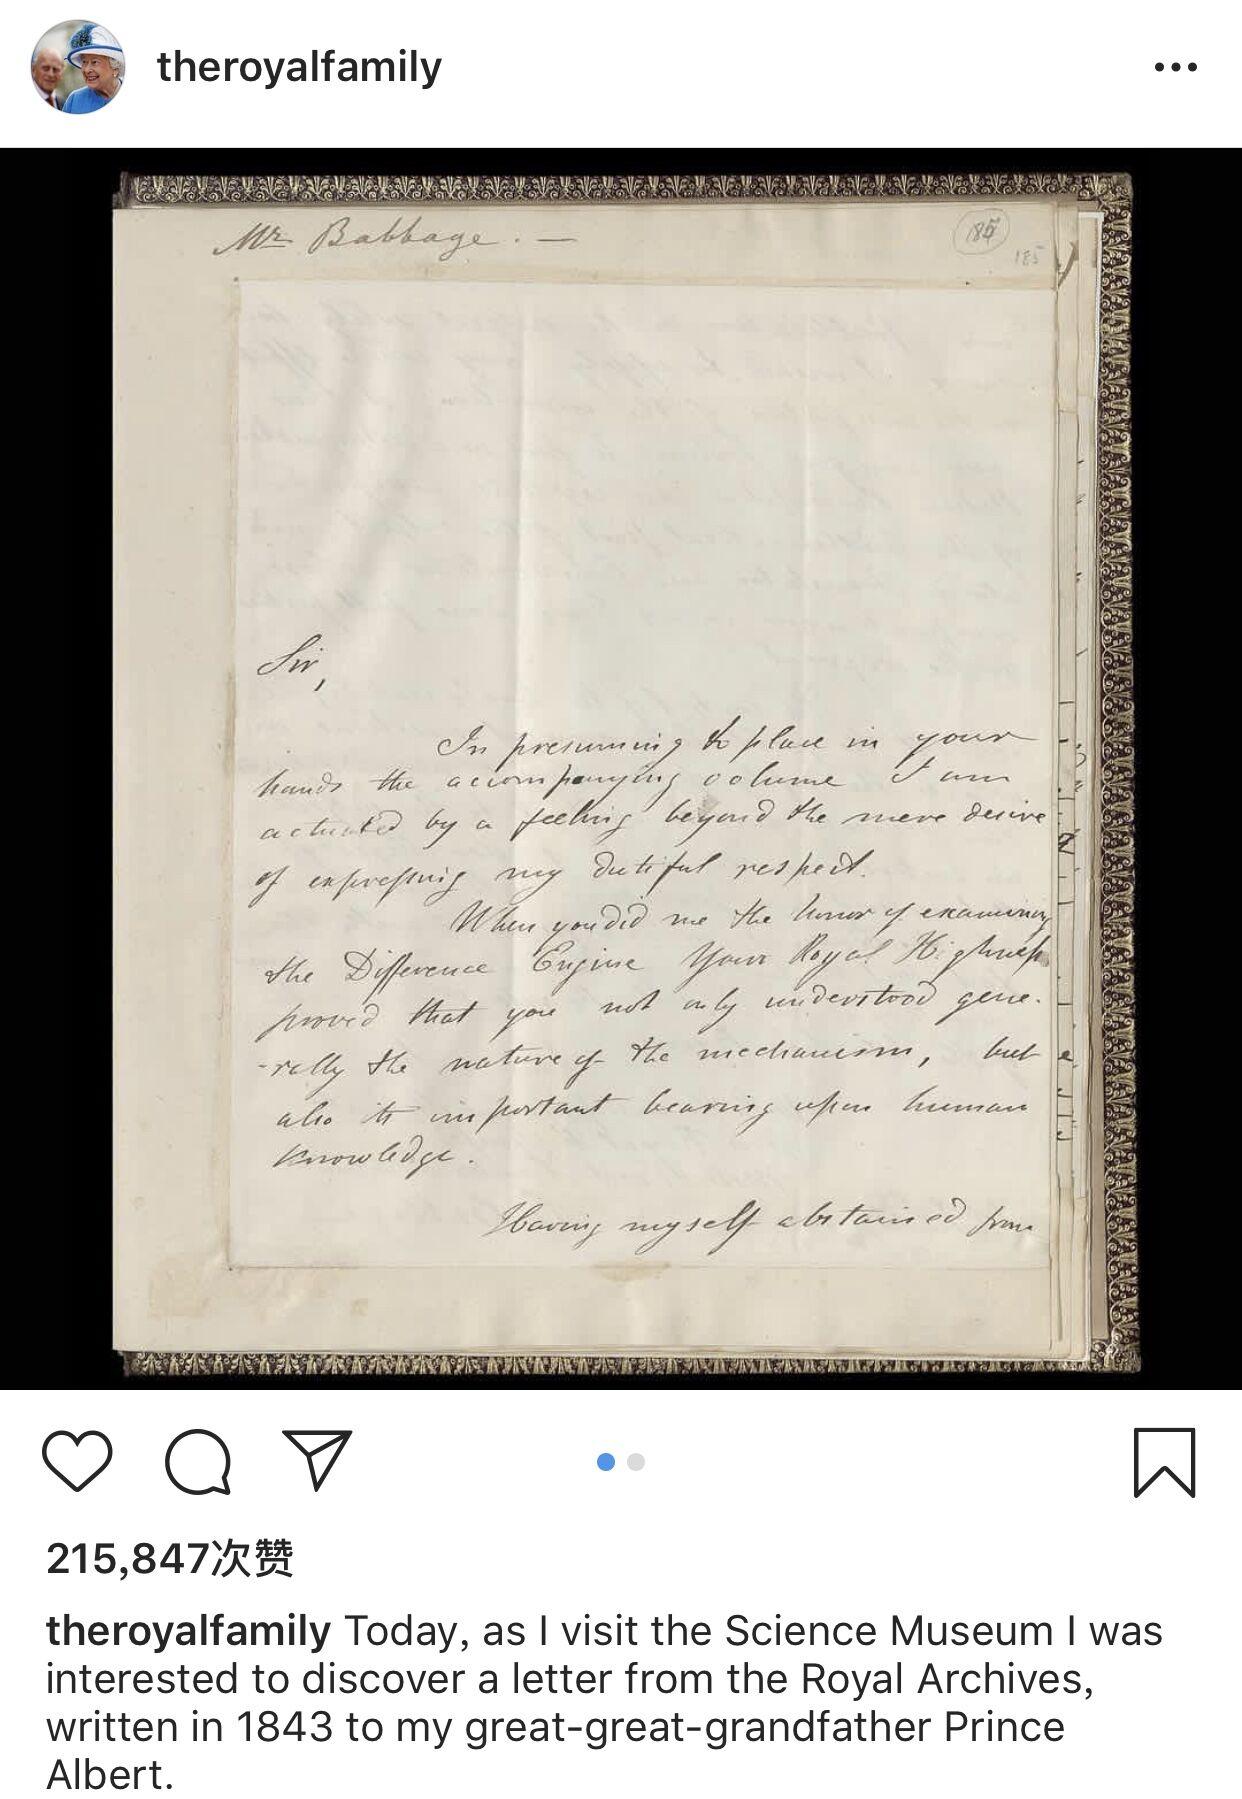 英国女王首发ins,分享了一封1843年的信